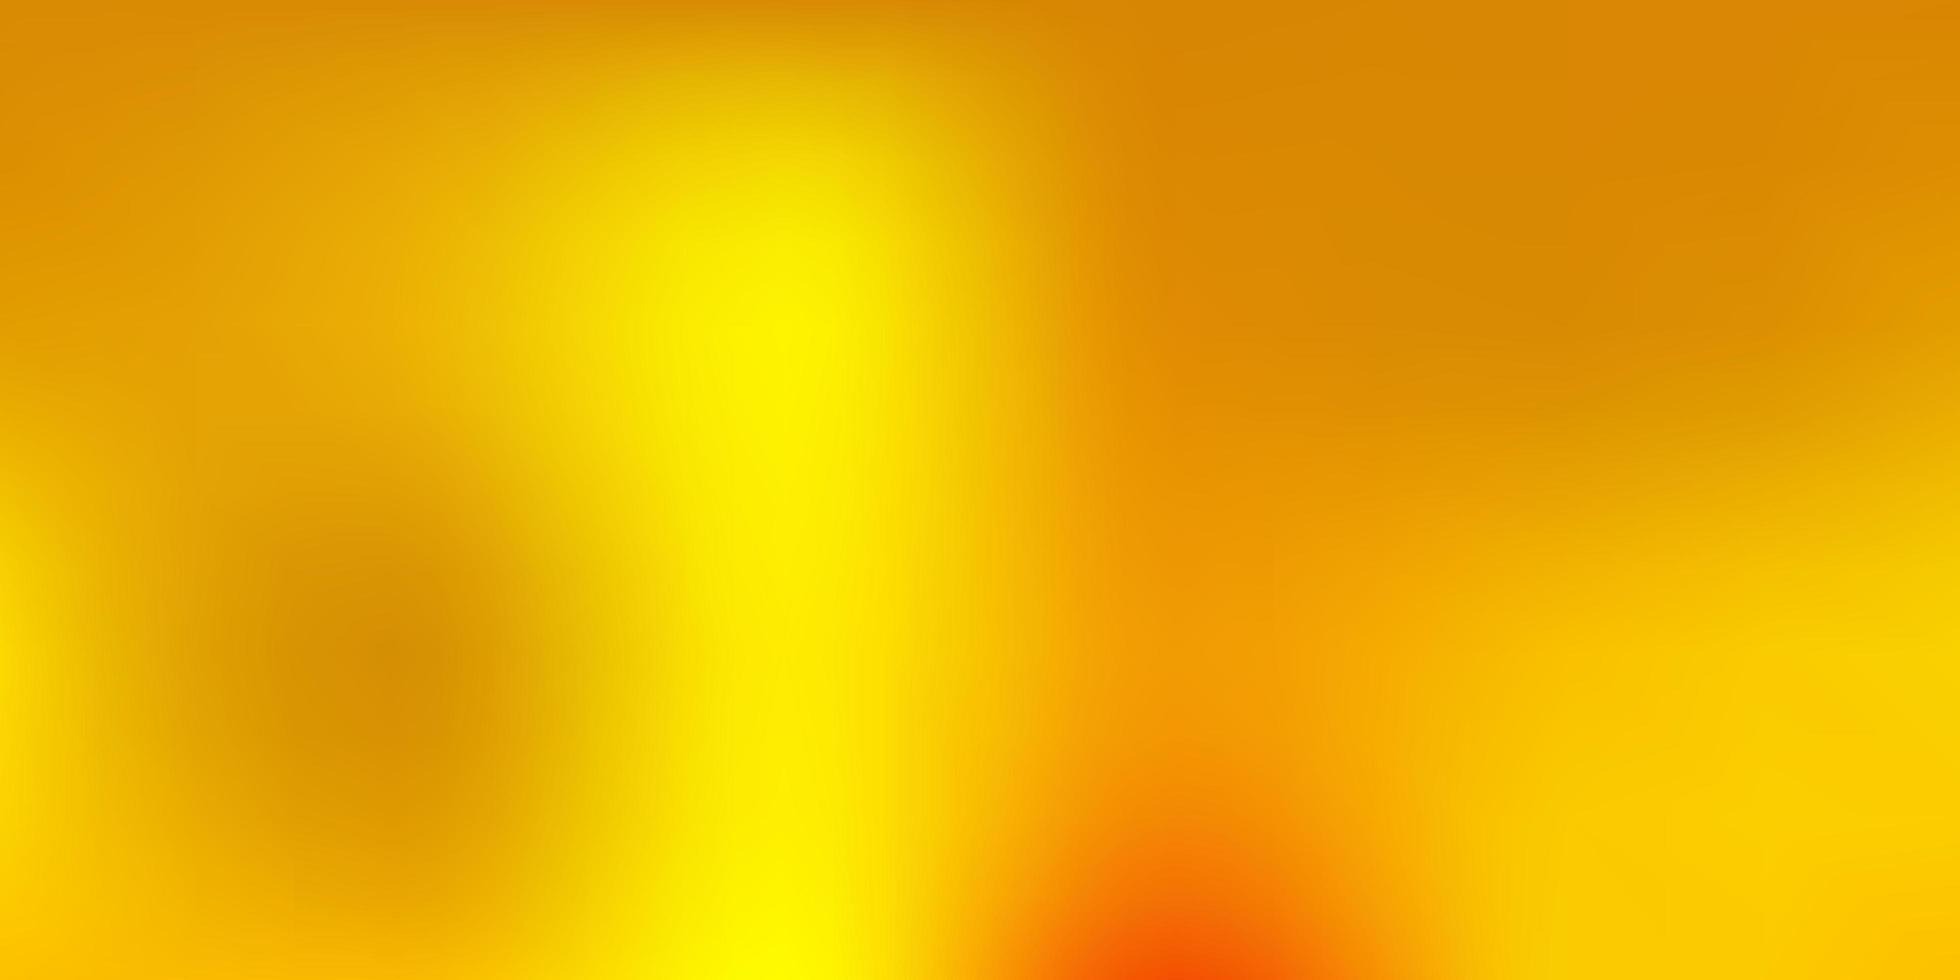 mörkgrön, gul vektor gradient oskärpa ritning.